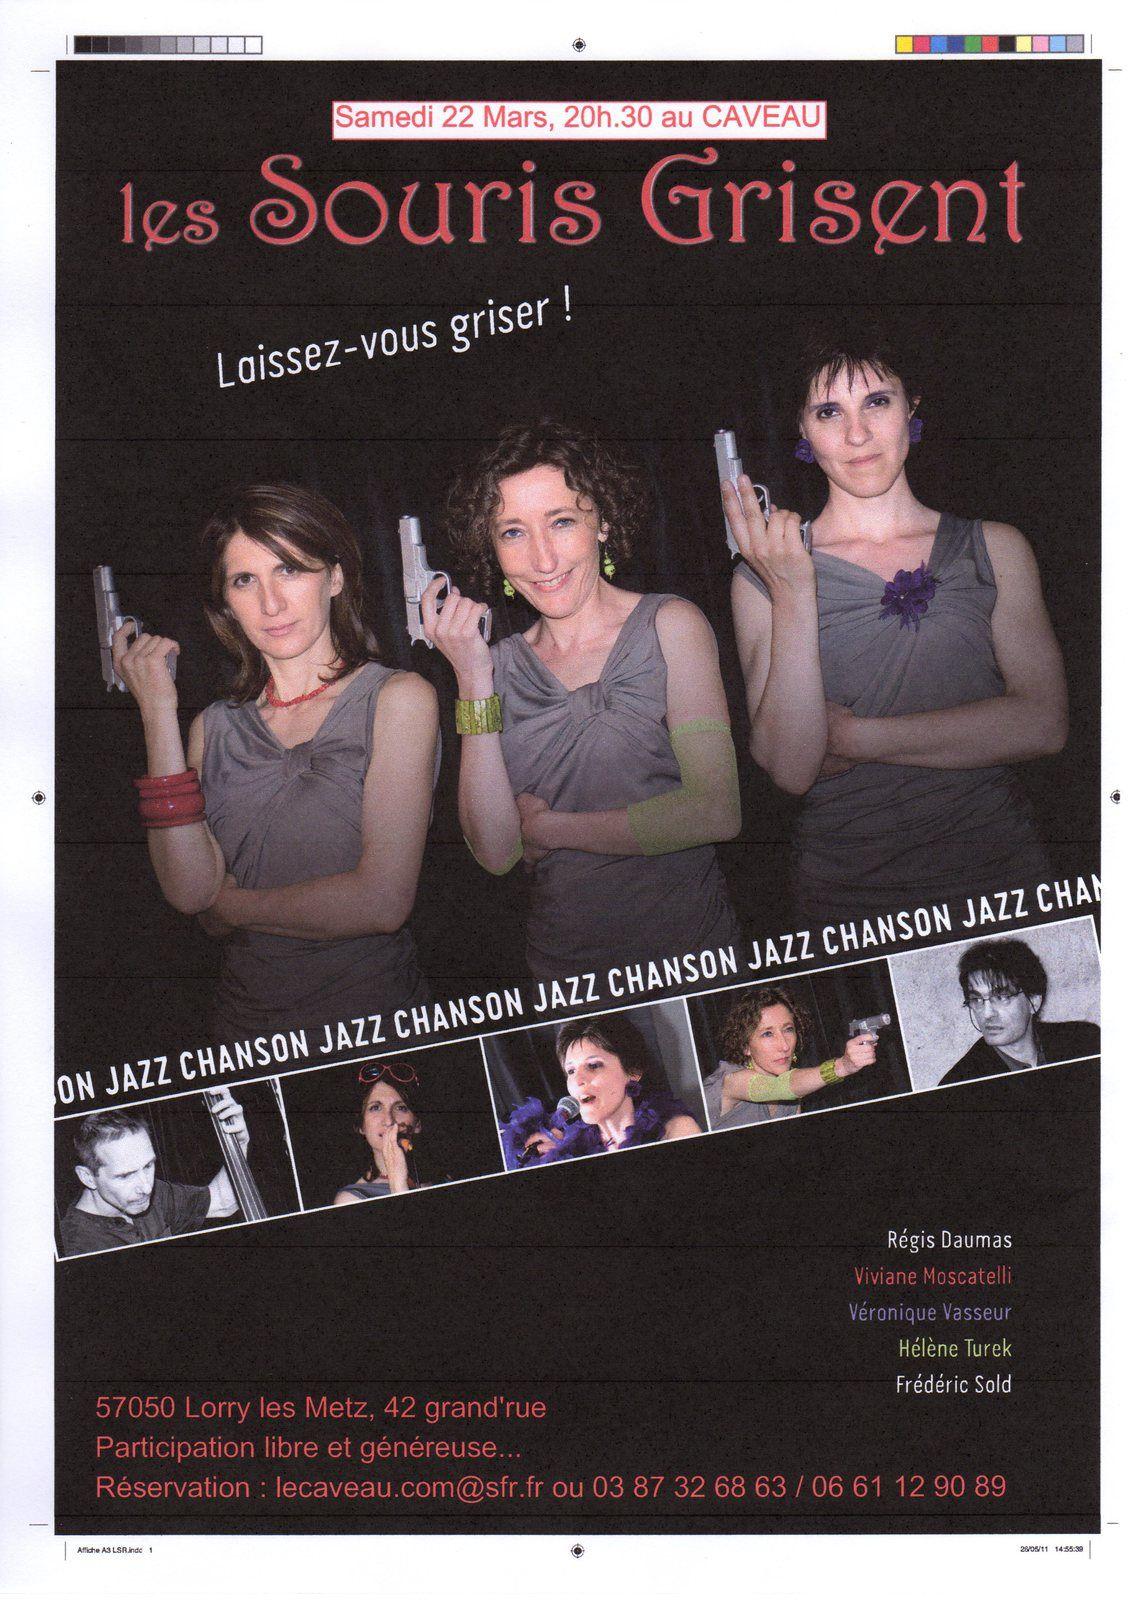 Le caveau accueille &quot&#x3B;Les Souris Grisent&quot&#x3B; samedi 22 mars.